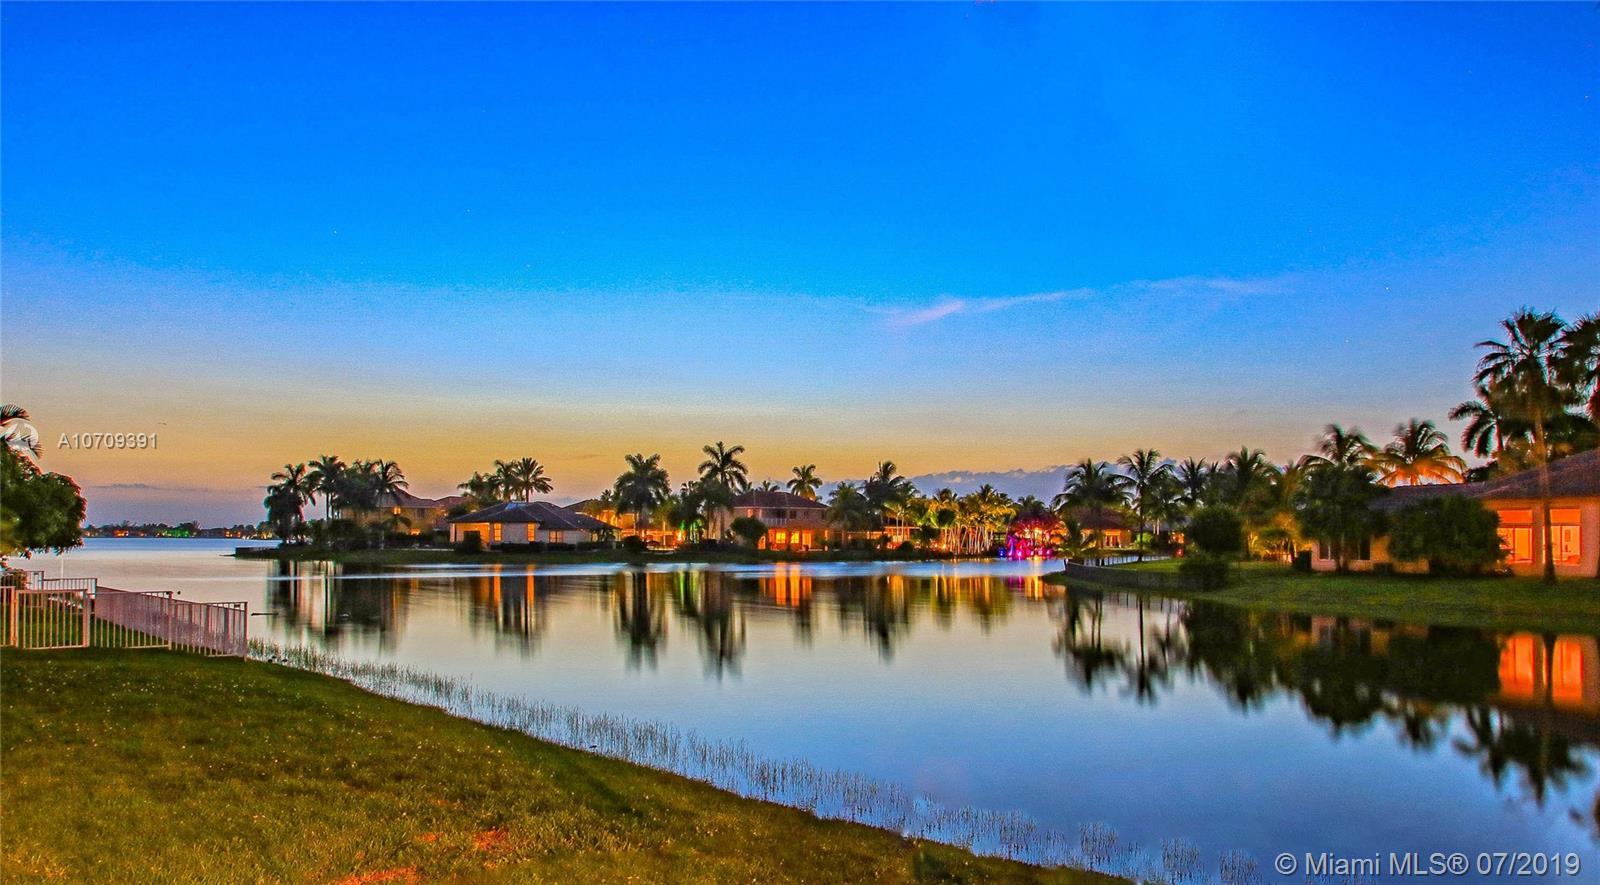 Sunset Lakes # - 04 - photo